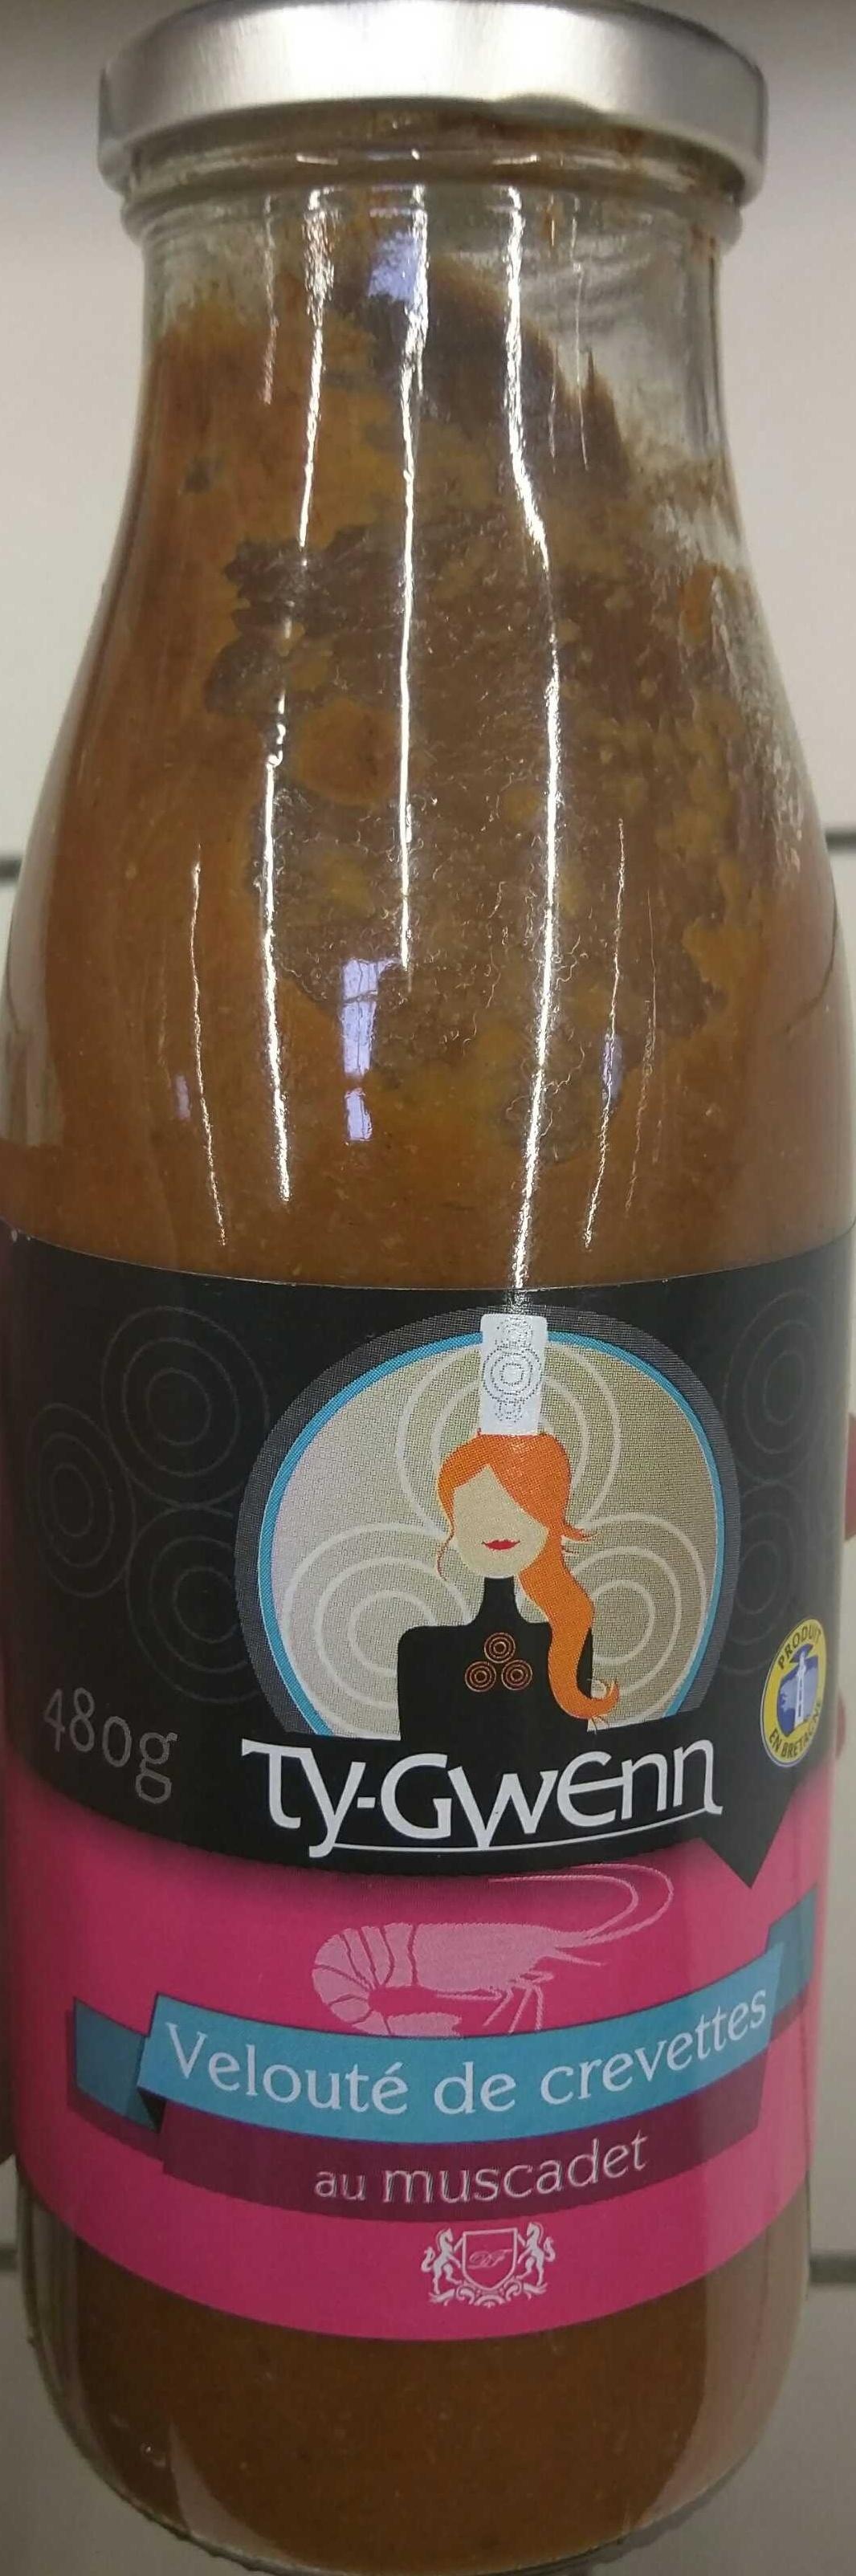 Velouté de crevettes au Muscadet - Produit